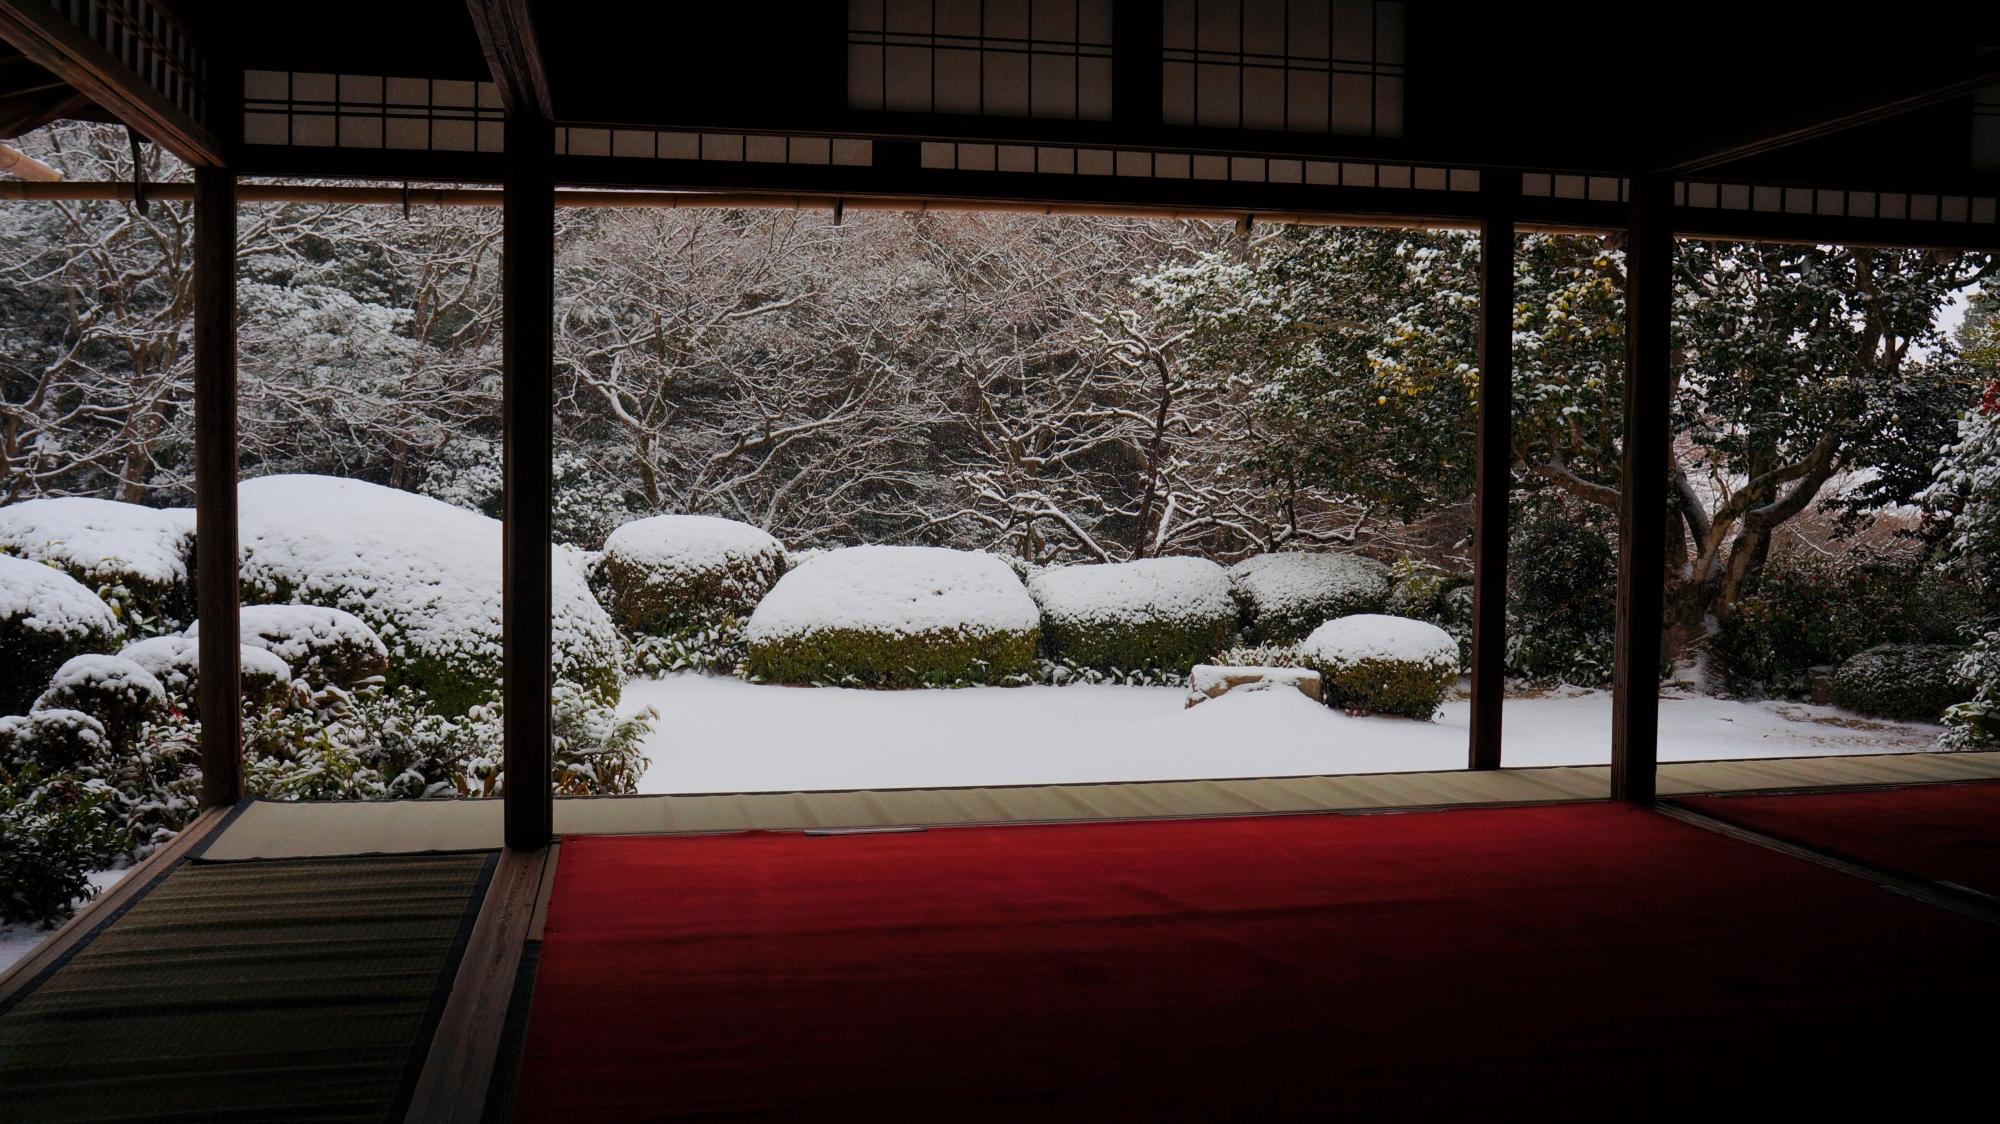 大満足の詩仙堂の冬景色